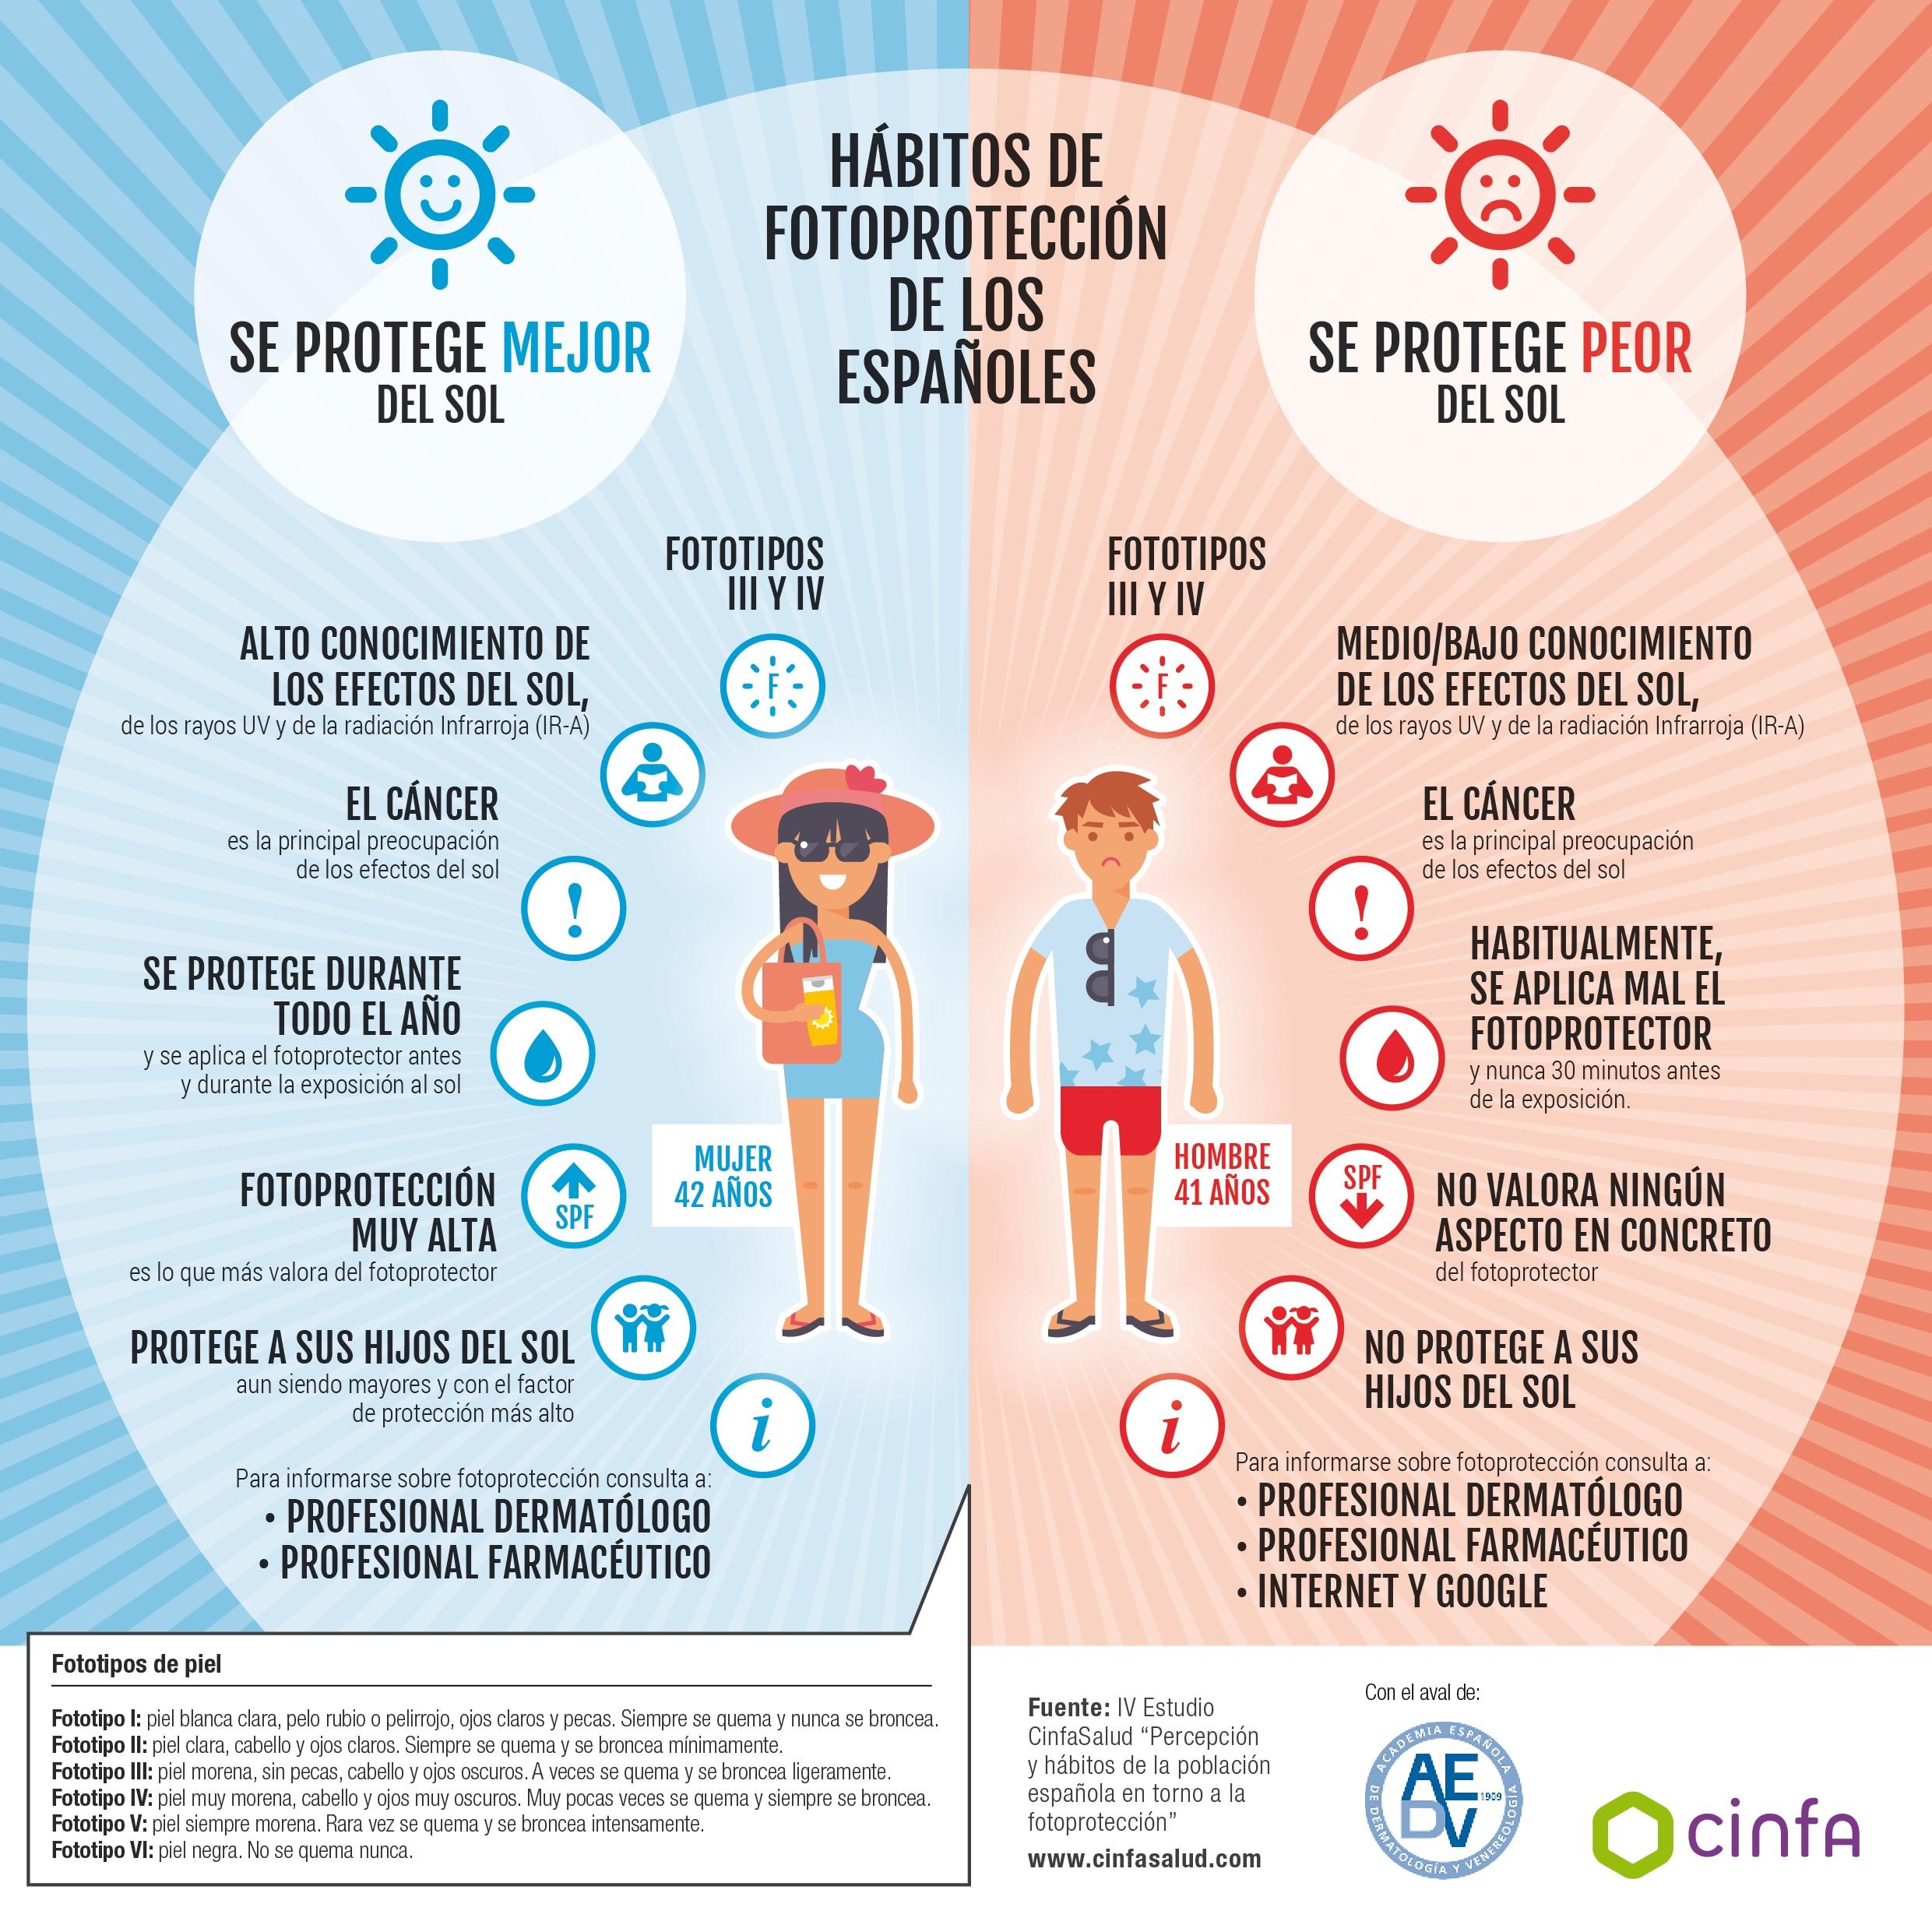 Infografico-IV-EstudioCinfasalud-Fotoproteccion_A